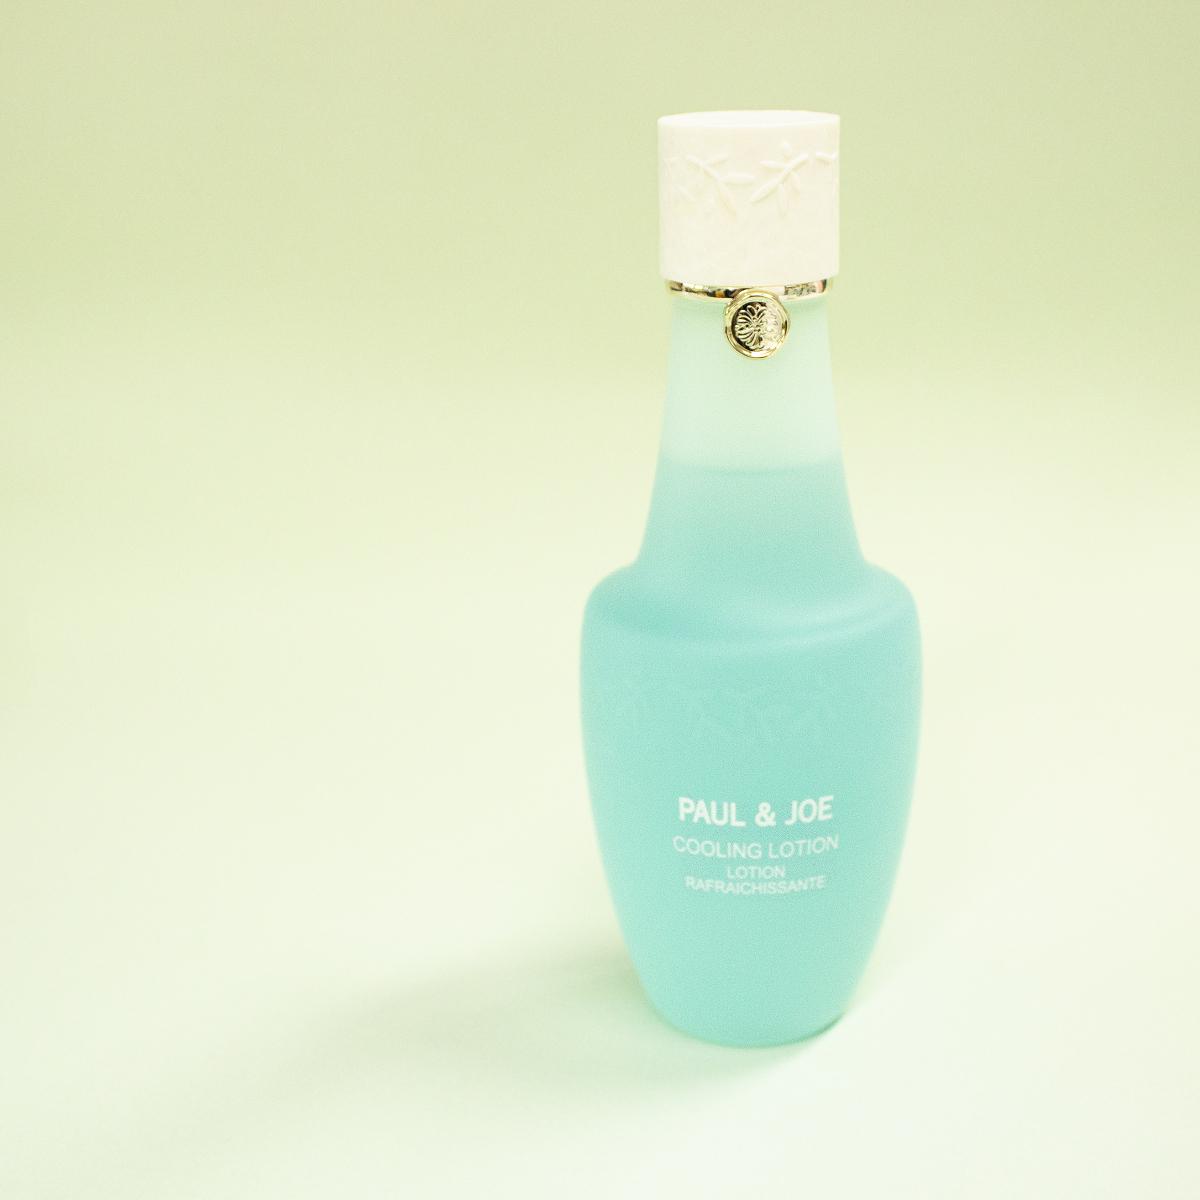 【FACE】化粧水でここまで冷たいのは初めてかも!? 肌も心もキュッと引き締まる!